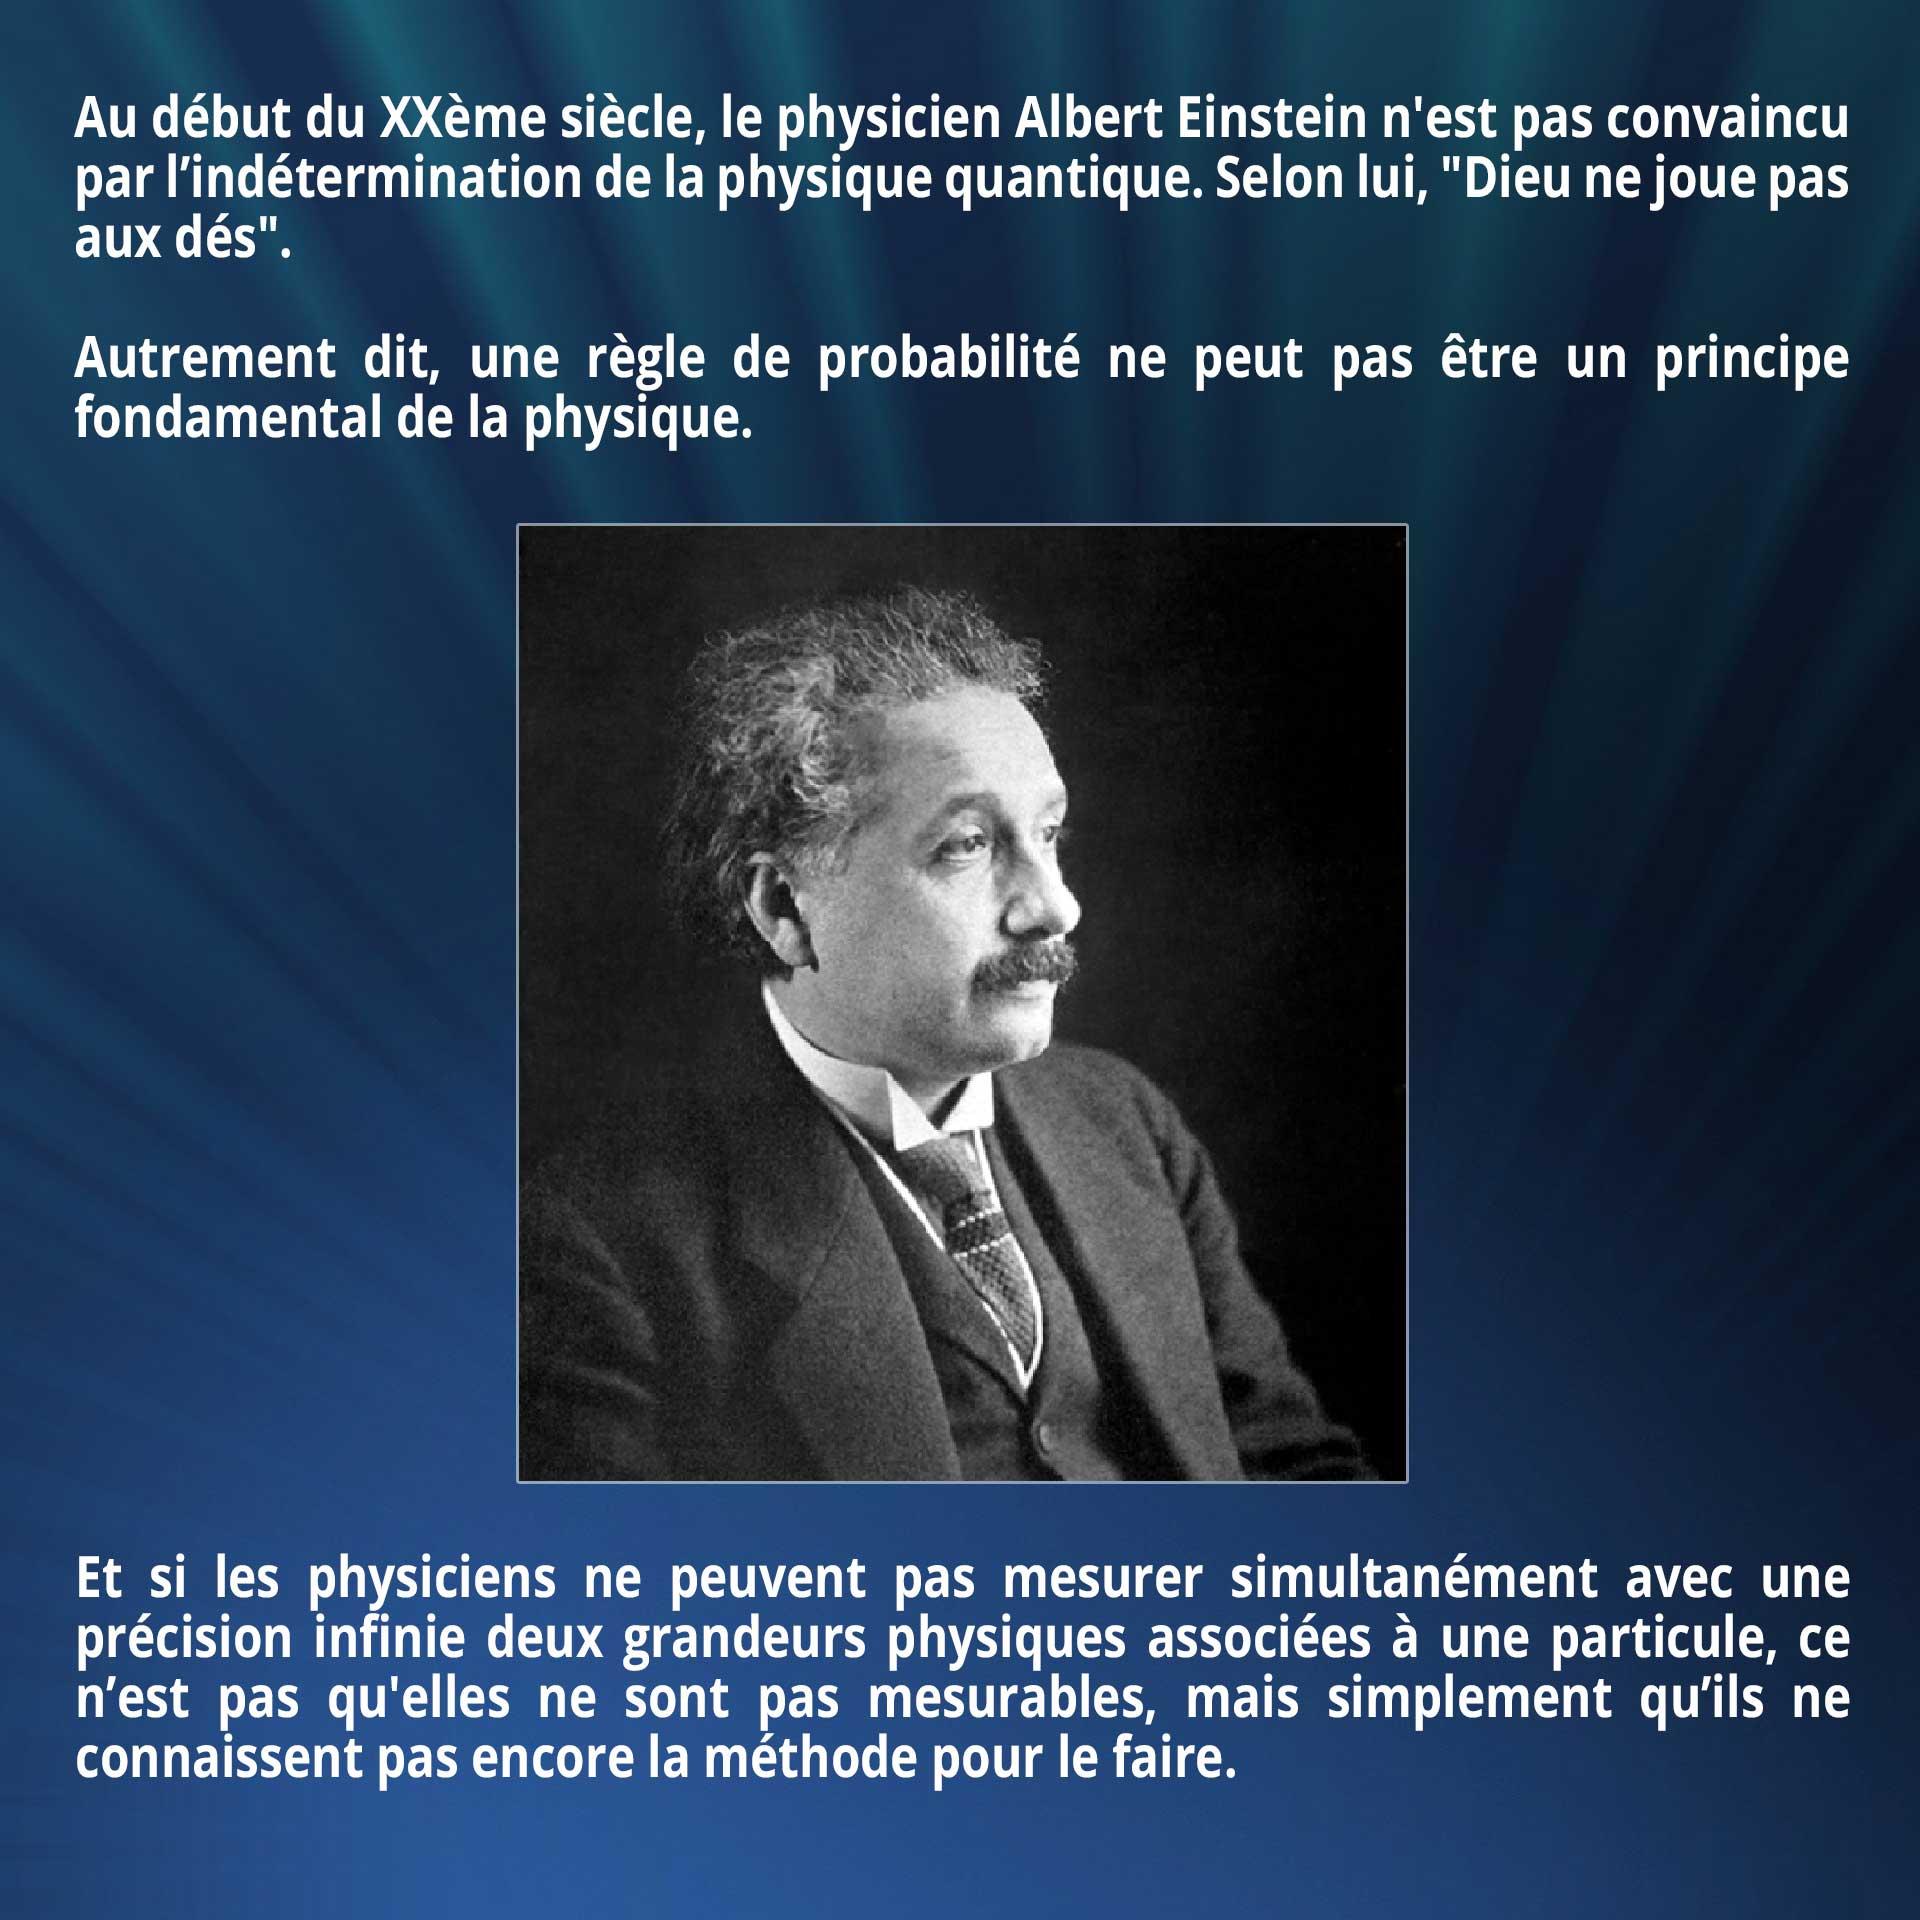 Au début du XXème siècle, le physicien Albert Einstein n'est pas convaincu par l'indétermination de la physique quantique. Selon lui,